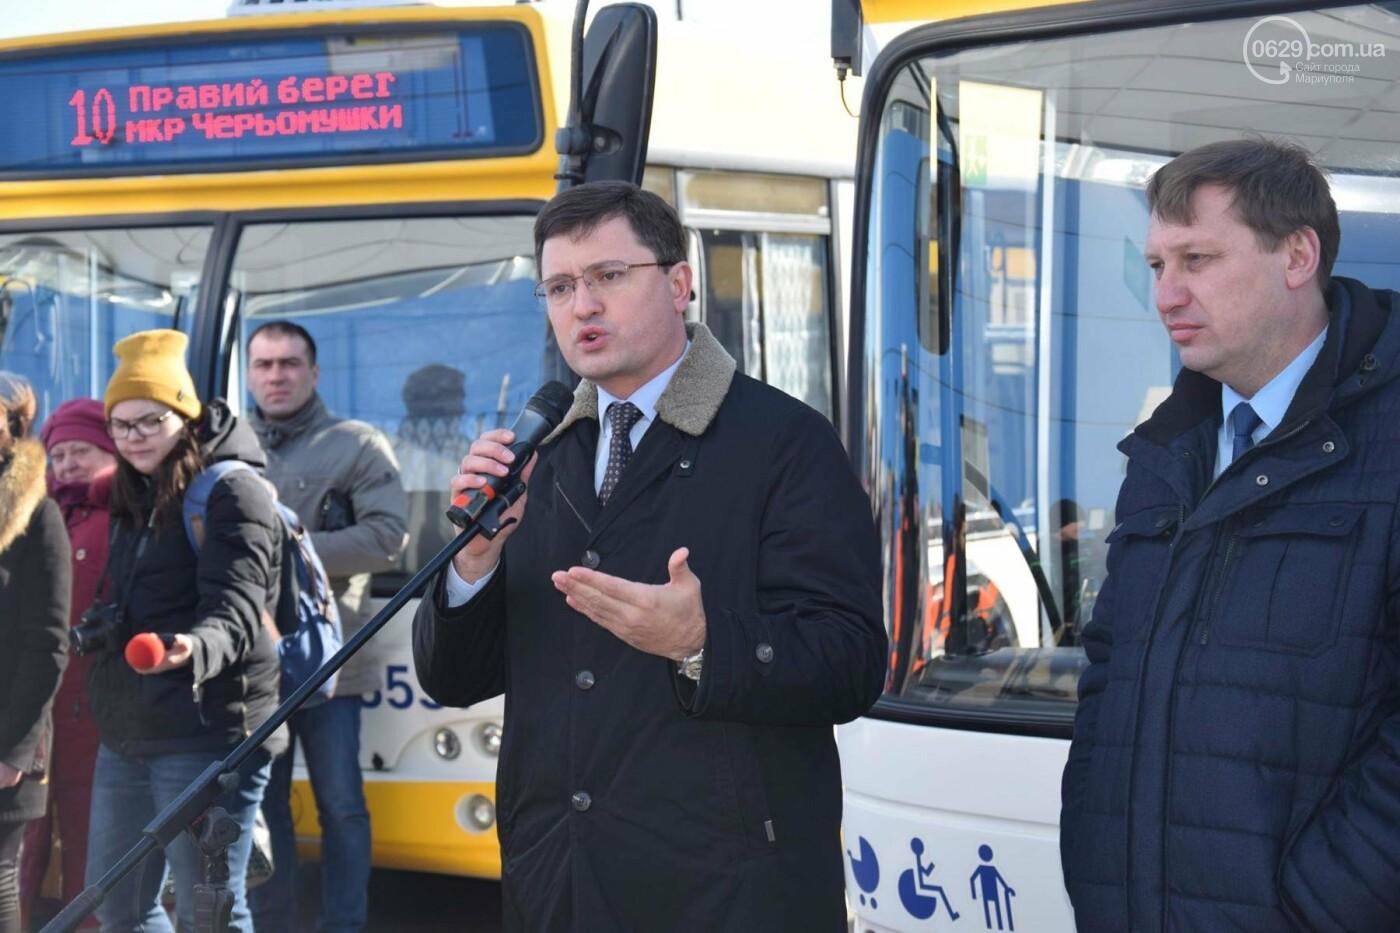 """В Мариуполе из МКР """"Черемушки"""" и поселка Моряков запустили два новых автобусных маршрута (ФОТО, ВИДЕО), фото-7"""